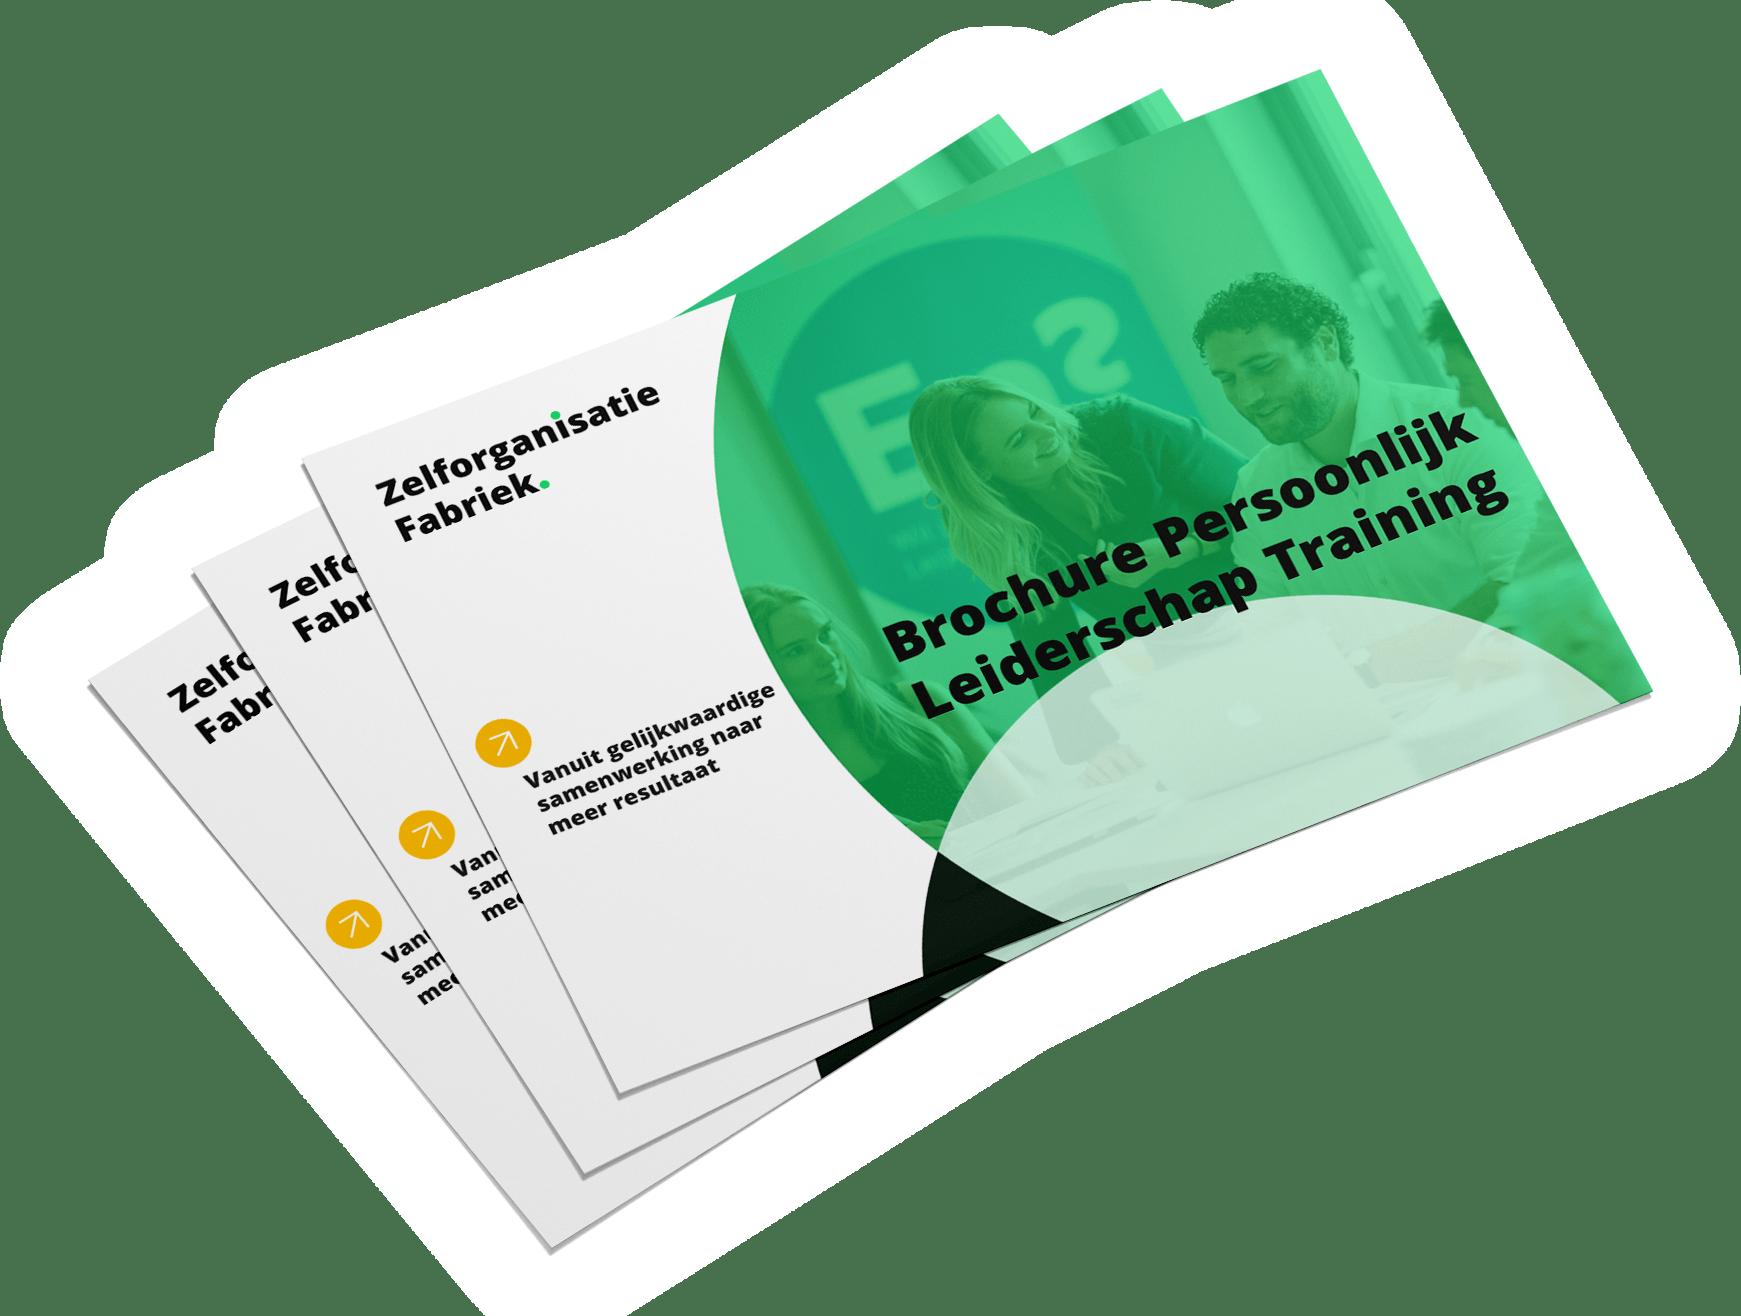 Persoonlijk-leiderschap-trainingsbrochure